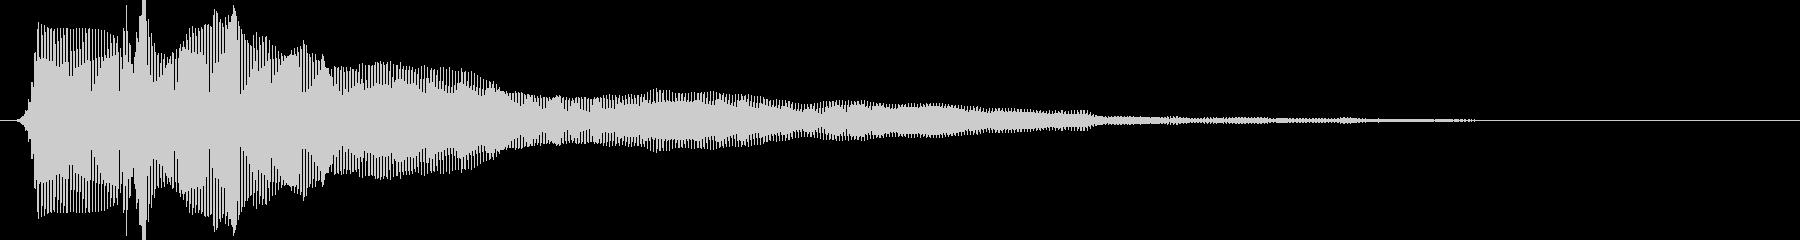 「フォーン」という感じの電車の警笛音の未再生の波形